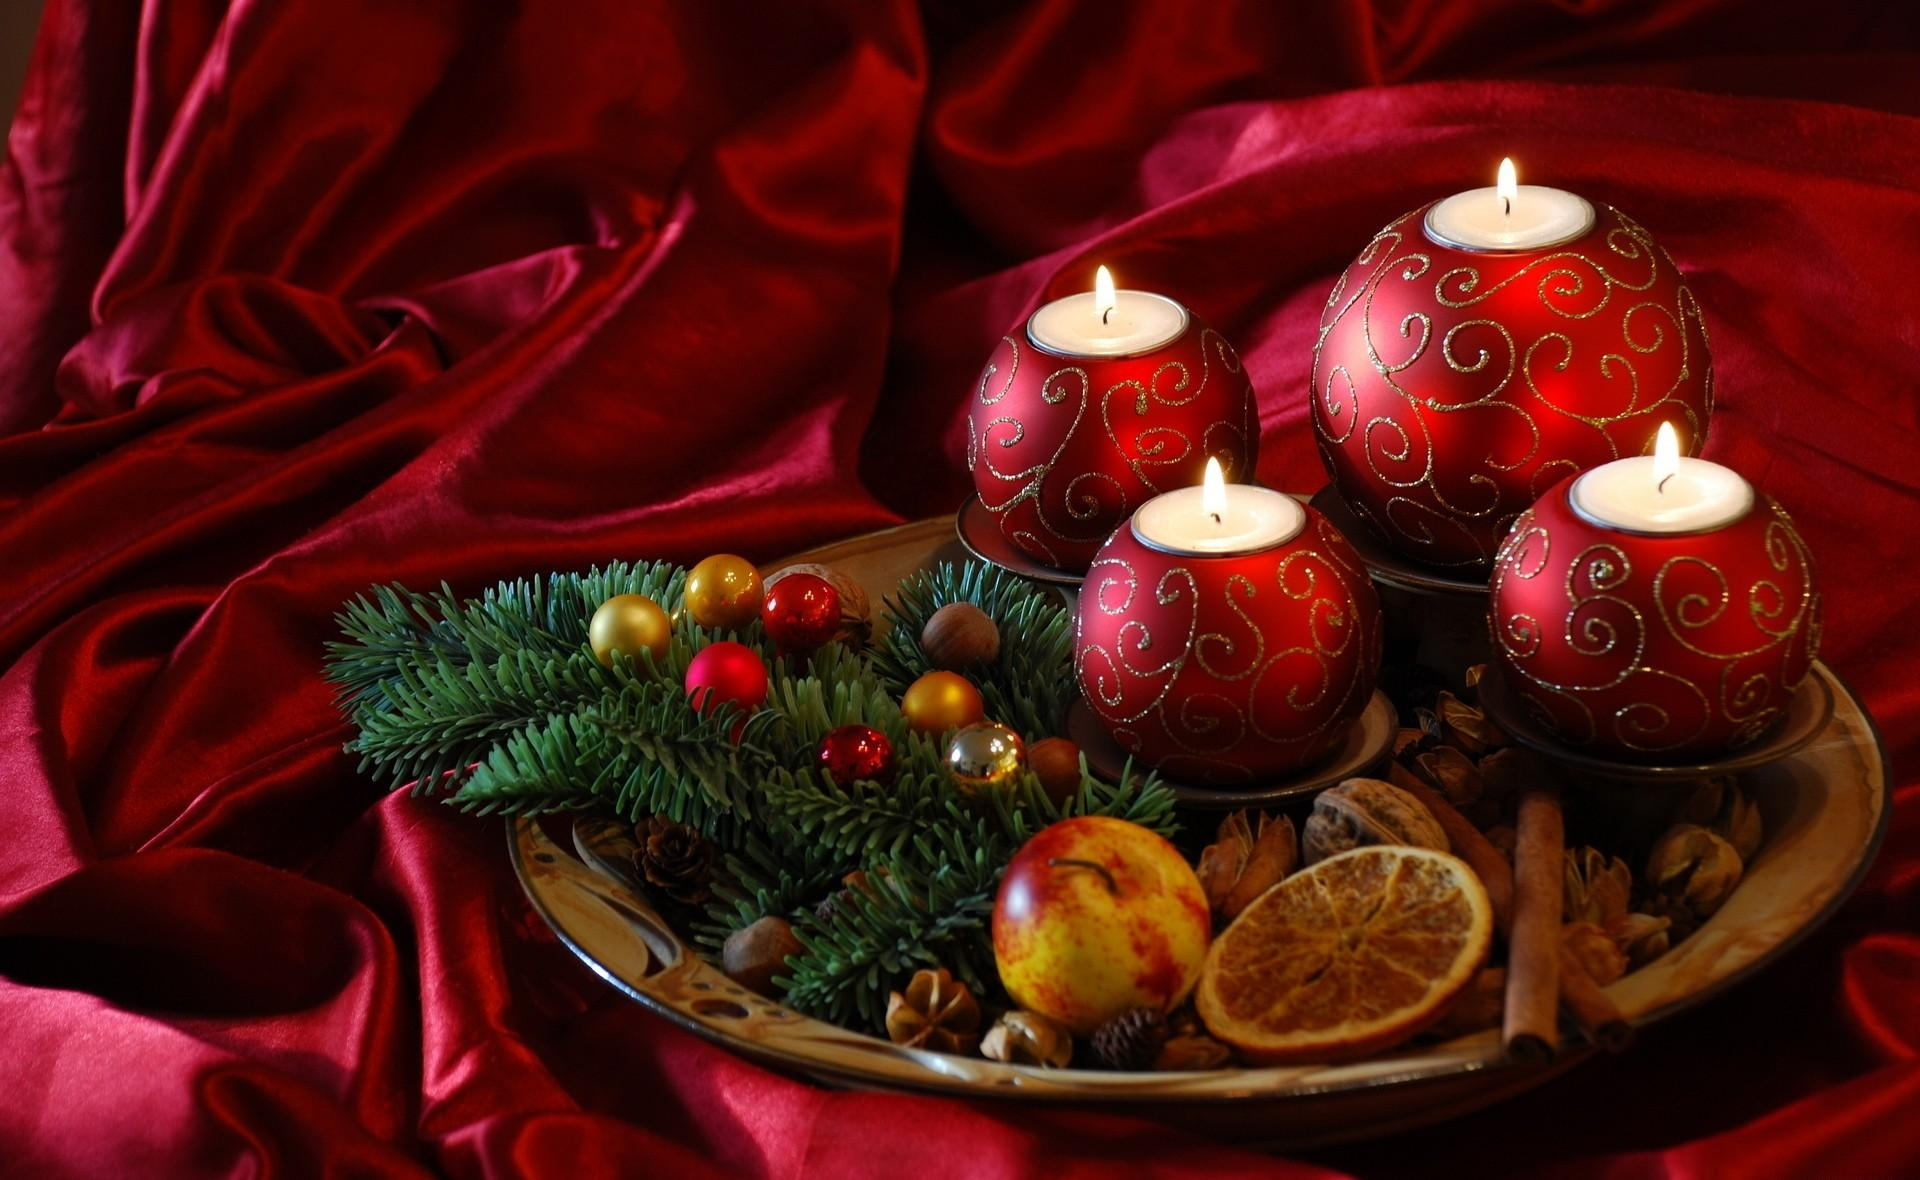 59827 Hintergrundbild herunterladen Weihnachten, Feiertage, Nadeln, Neujahr, Kerzen, Neues Jahr, Die Seide, Seide, Leckereien, Behandelt - Bildschirmschoner und Bilder kostenlos